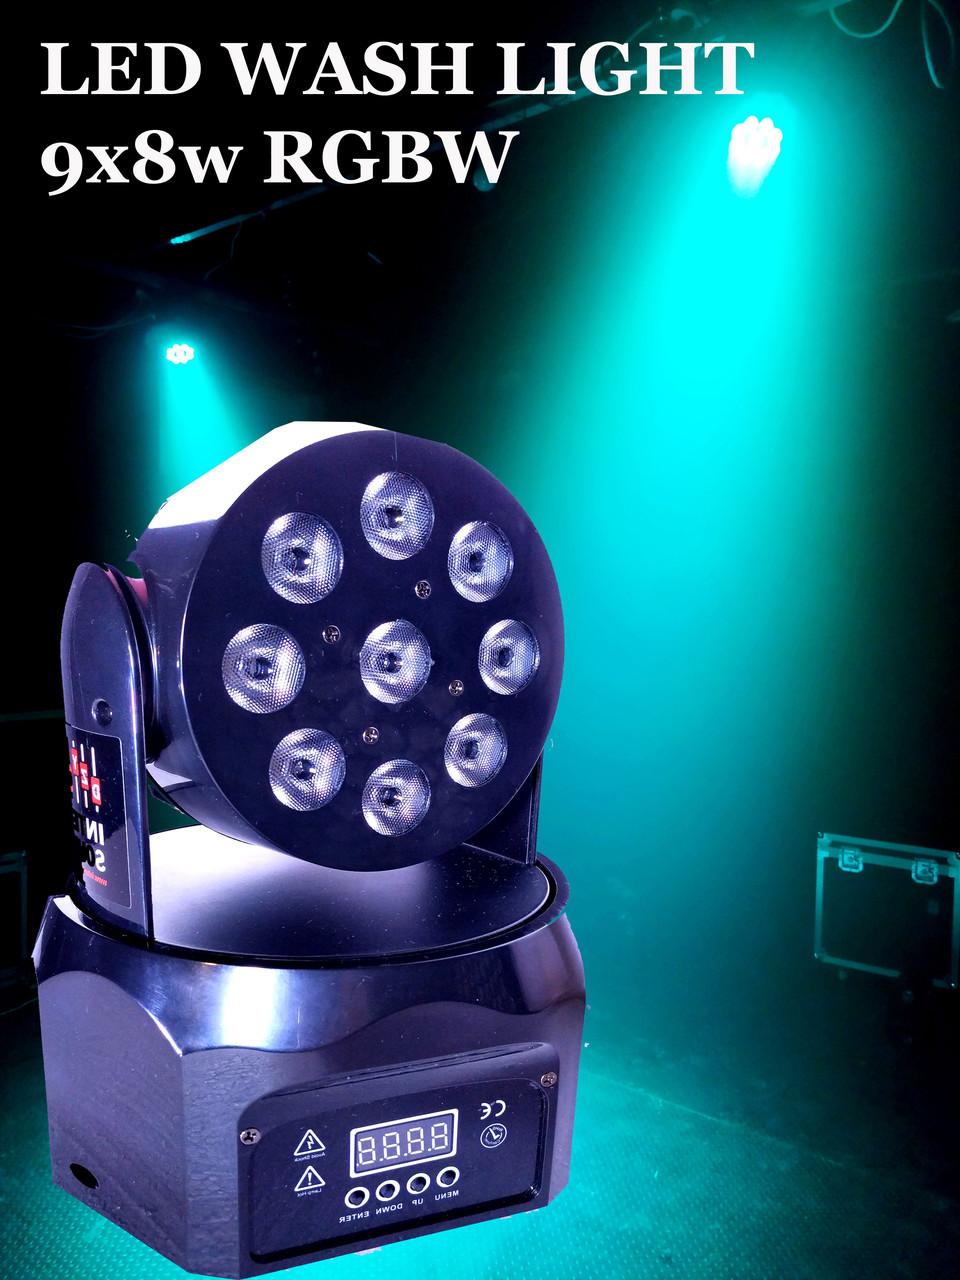 Заливочная световая прибор голова Moving head Wash 9x8w RGBW 4in1 DMX